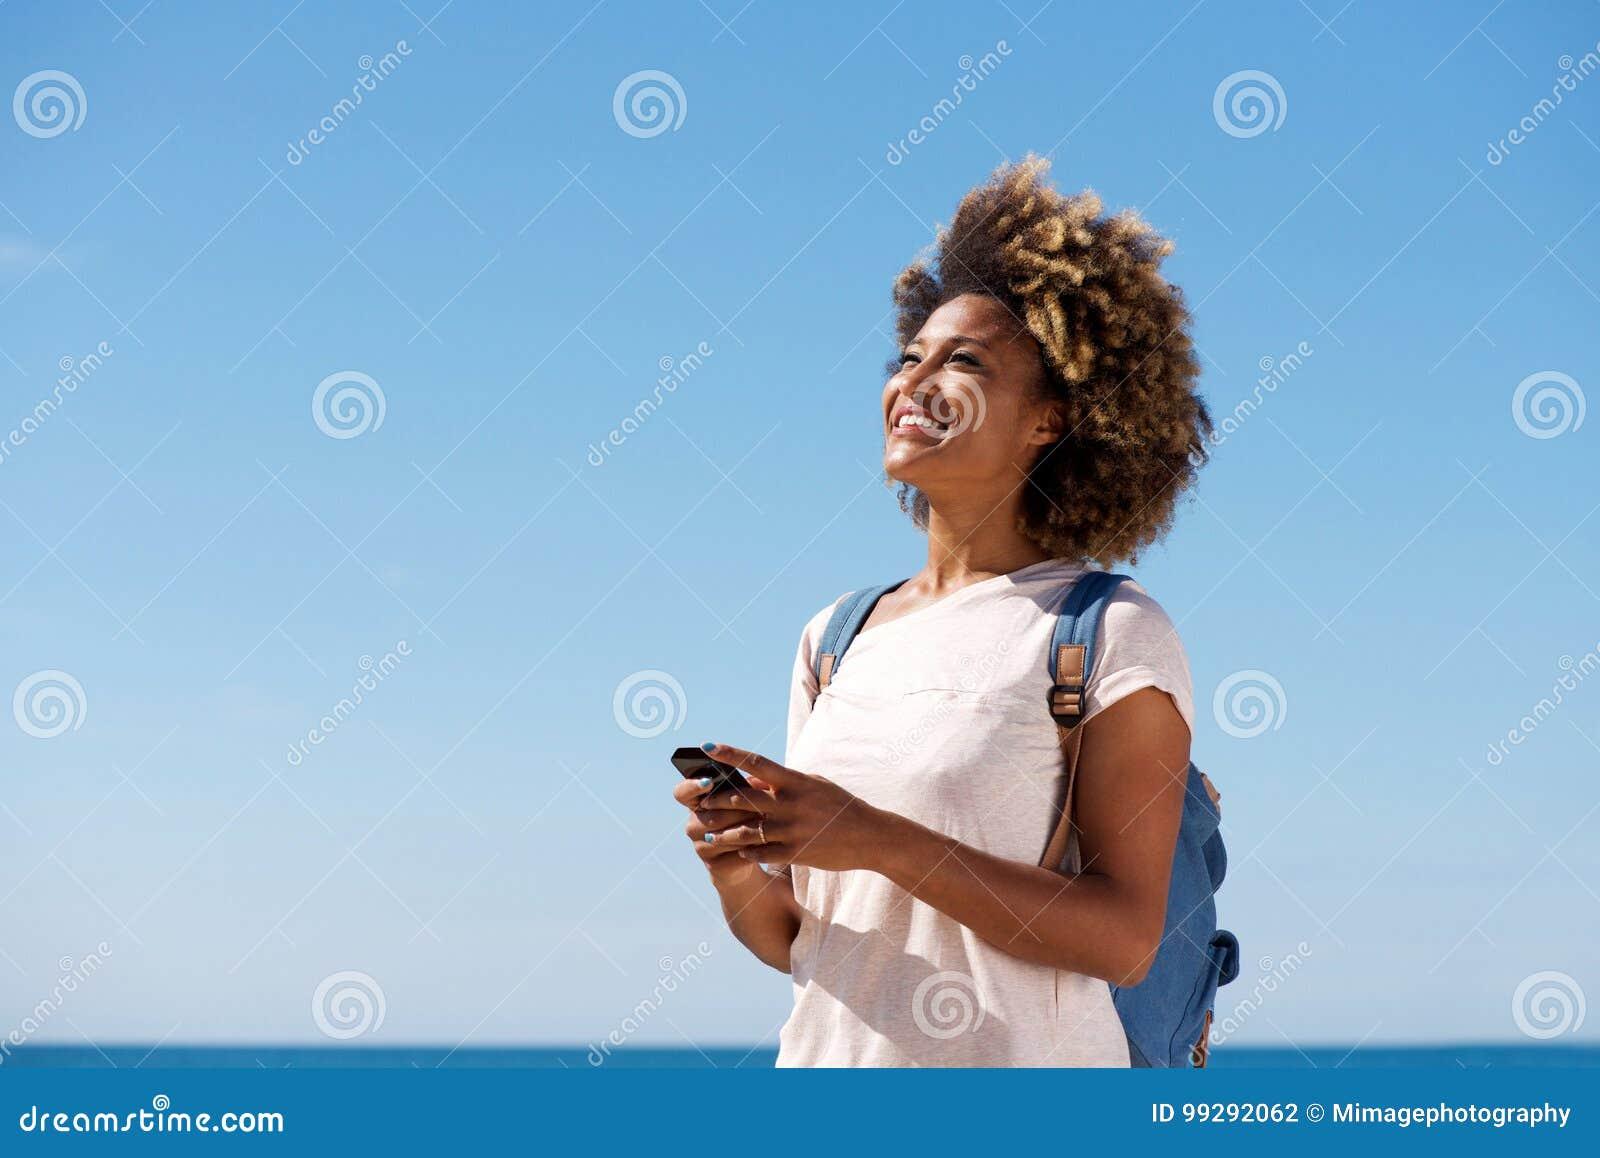 Mujer joven hermosa que sonríe contra el cielo